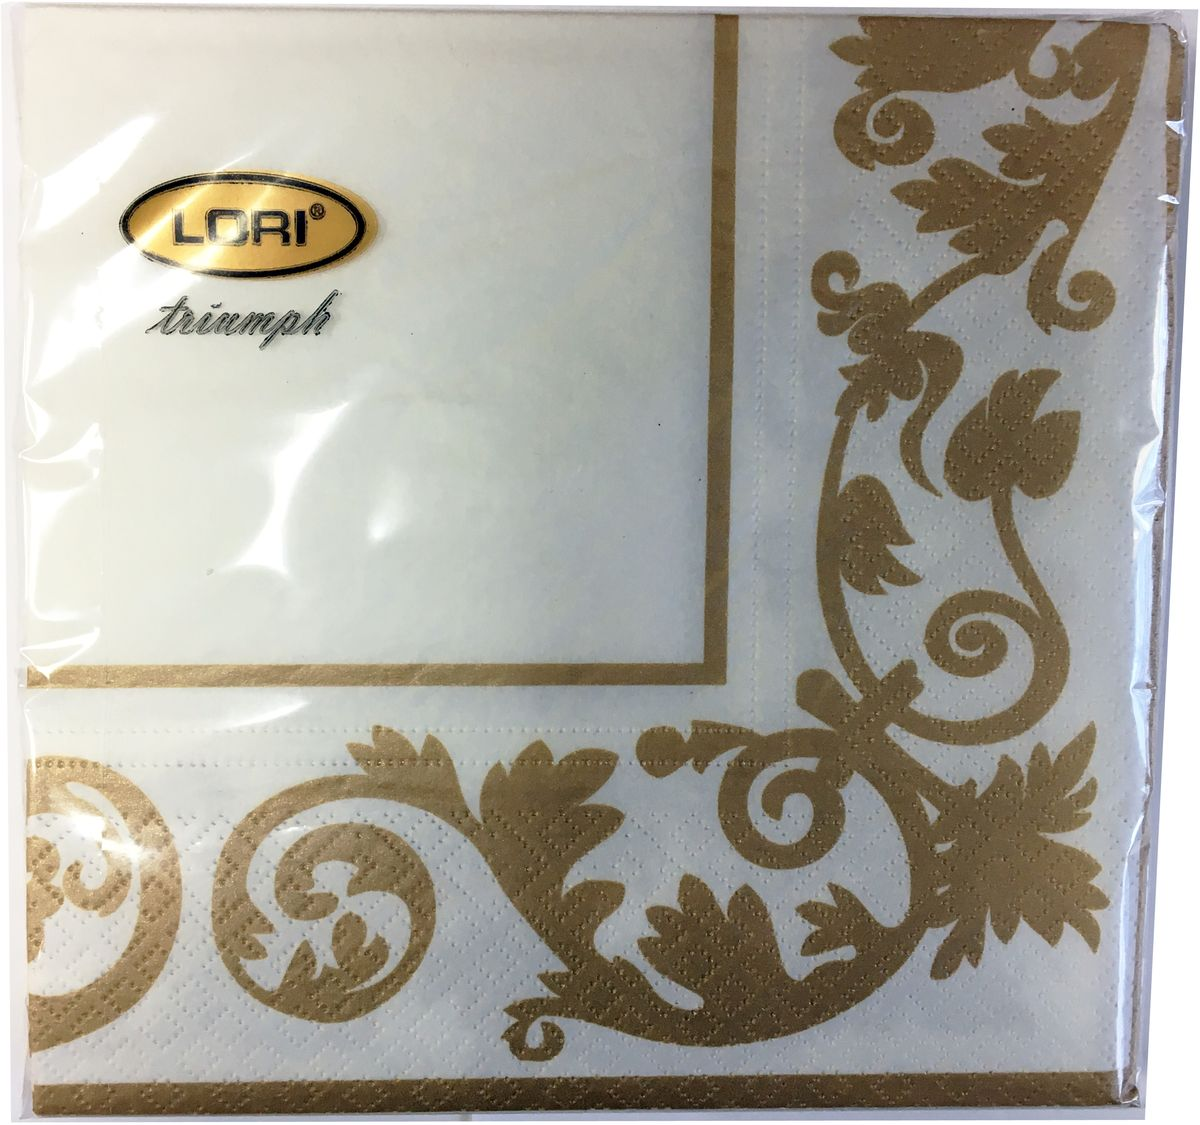 Салфетки бумажные Lori Triumph, трехслойные, цвет: коричневый, белый, 33 х 33 см, 20 шт. 5605319201Декоративные трехслойные салфетки Lori Triumph выполнены из 100% целлюлозы и оформлены ярким рисунком. Изделия станут отличным дополнением любого праздничного стола. Они отличаются необычной мягкостью, прочностью и оригинальностью.Размер салфеток в развернутом виде: 33 х 33 см.